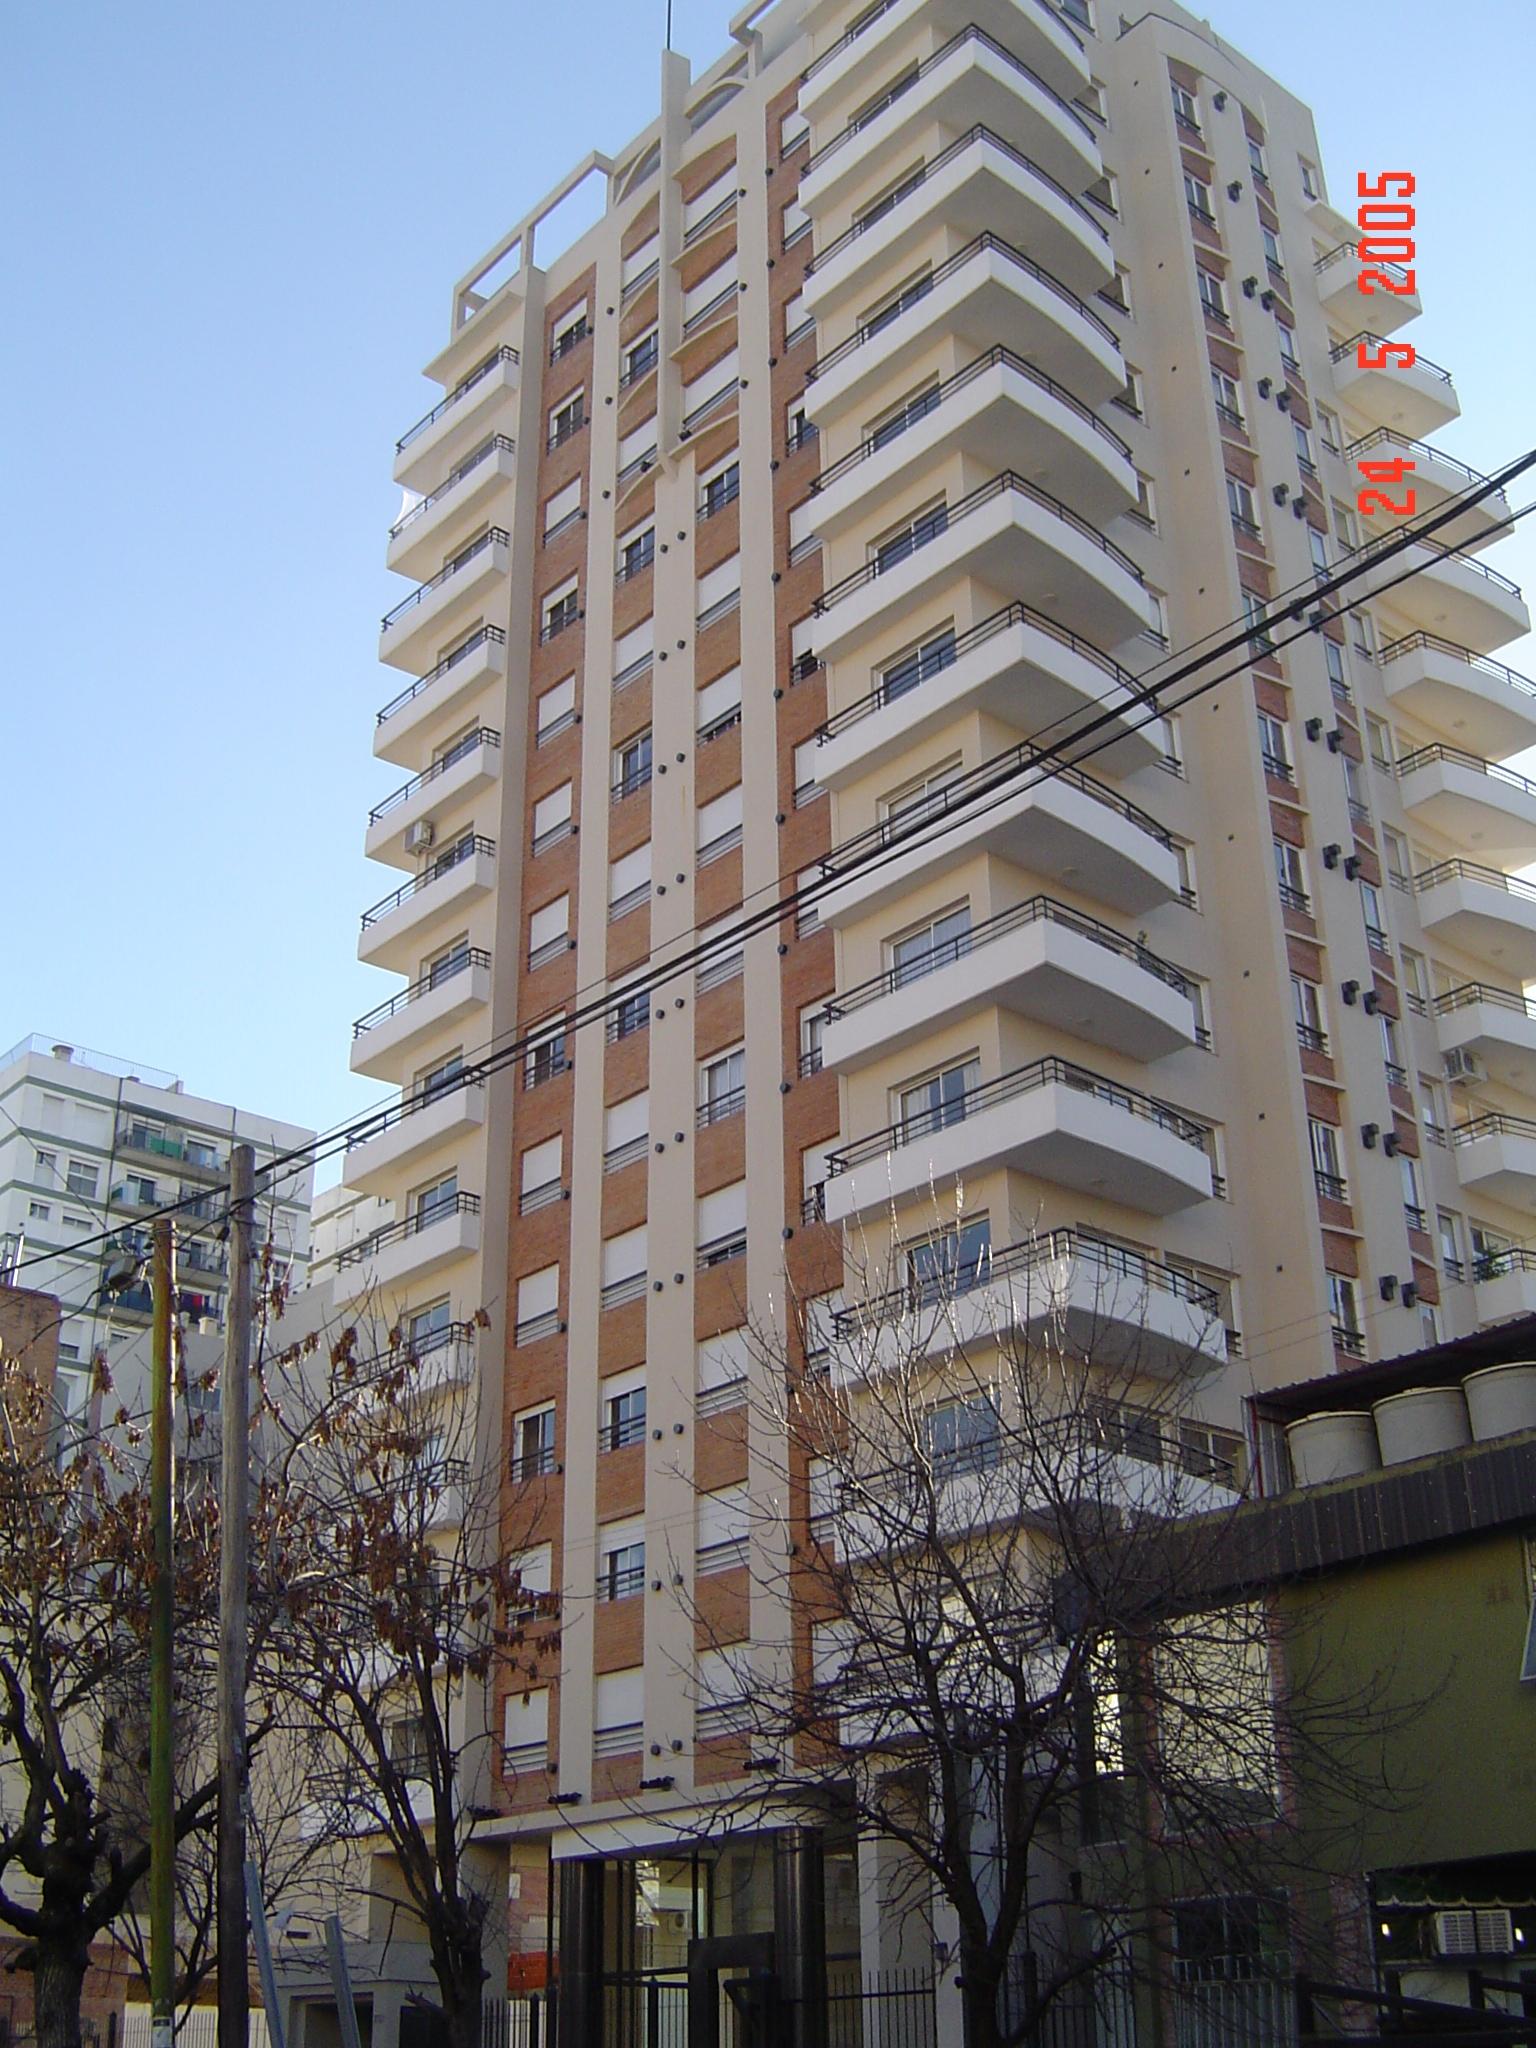 DOBILIA SA Construcciones - Propiedades Horizontales - Edificio Milenium -4